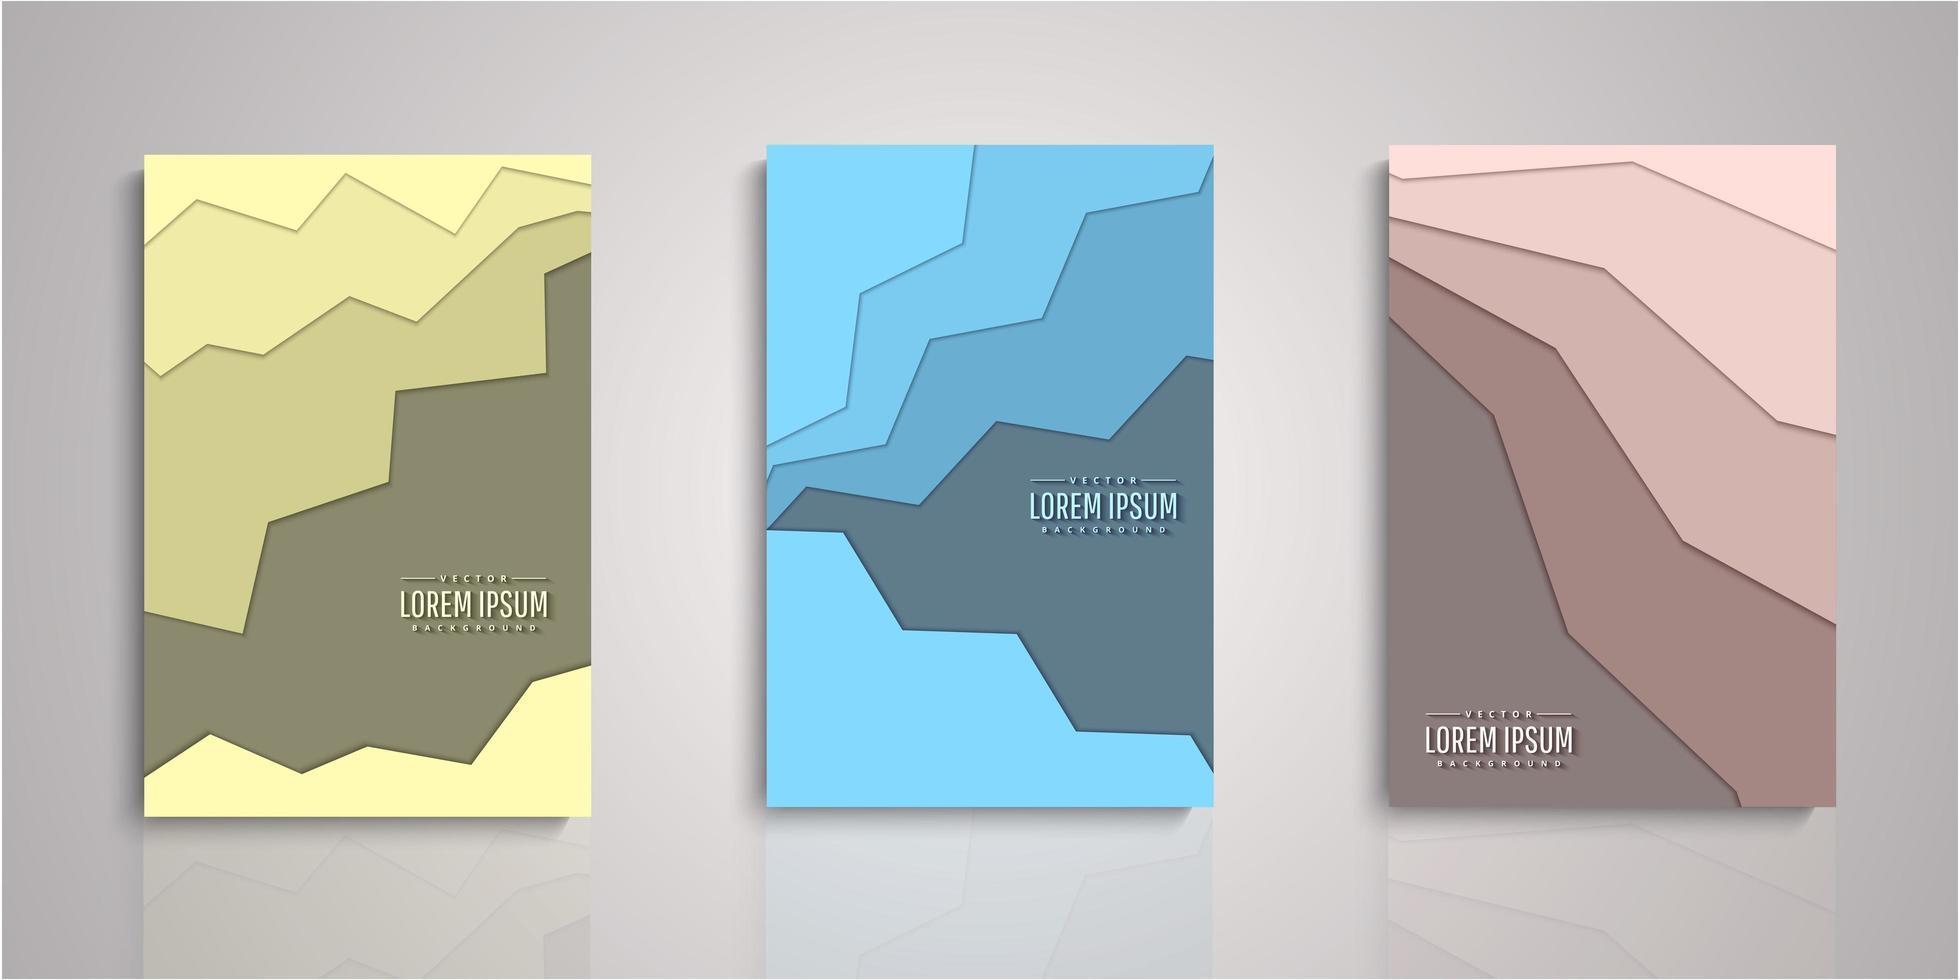 conjunto de capas de camadas de corte de papel de forma abstrata vetor